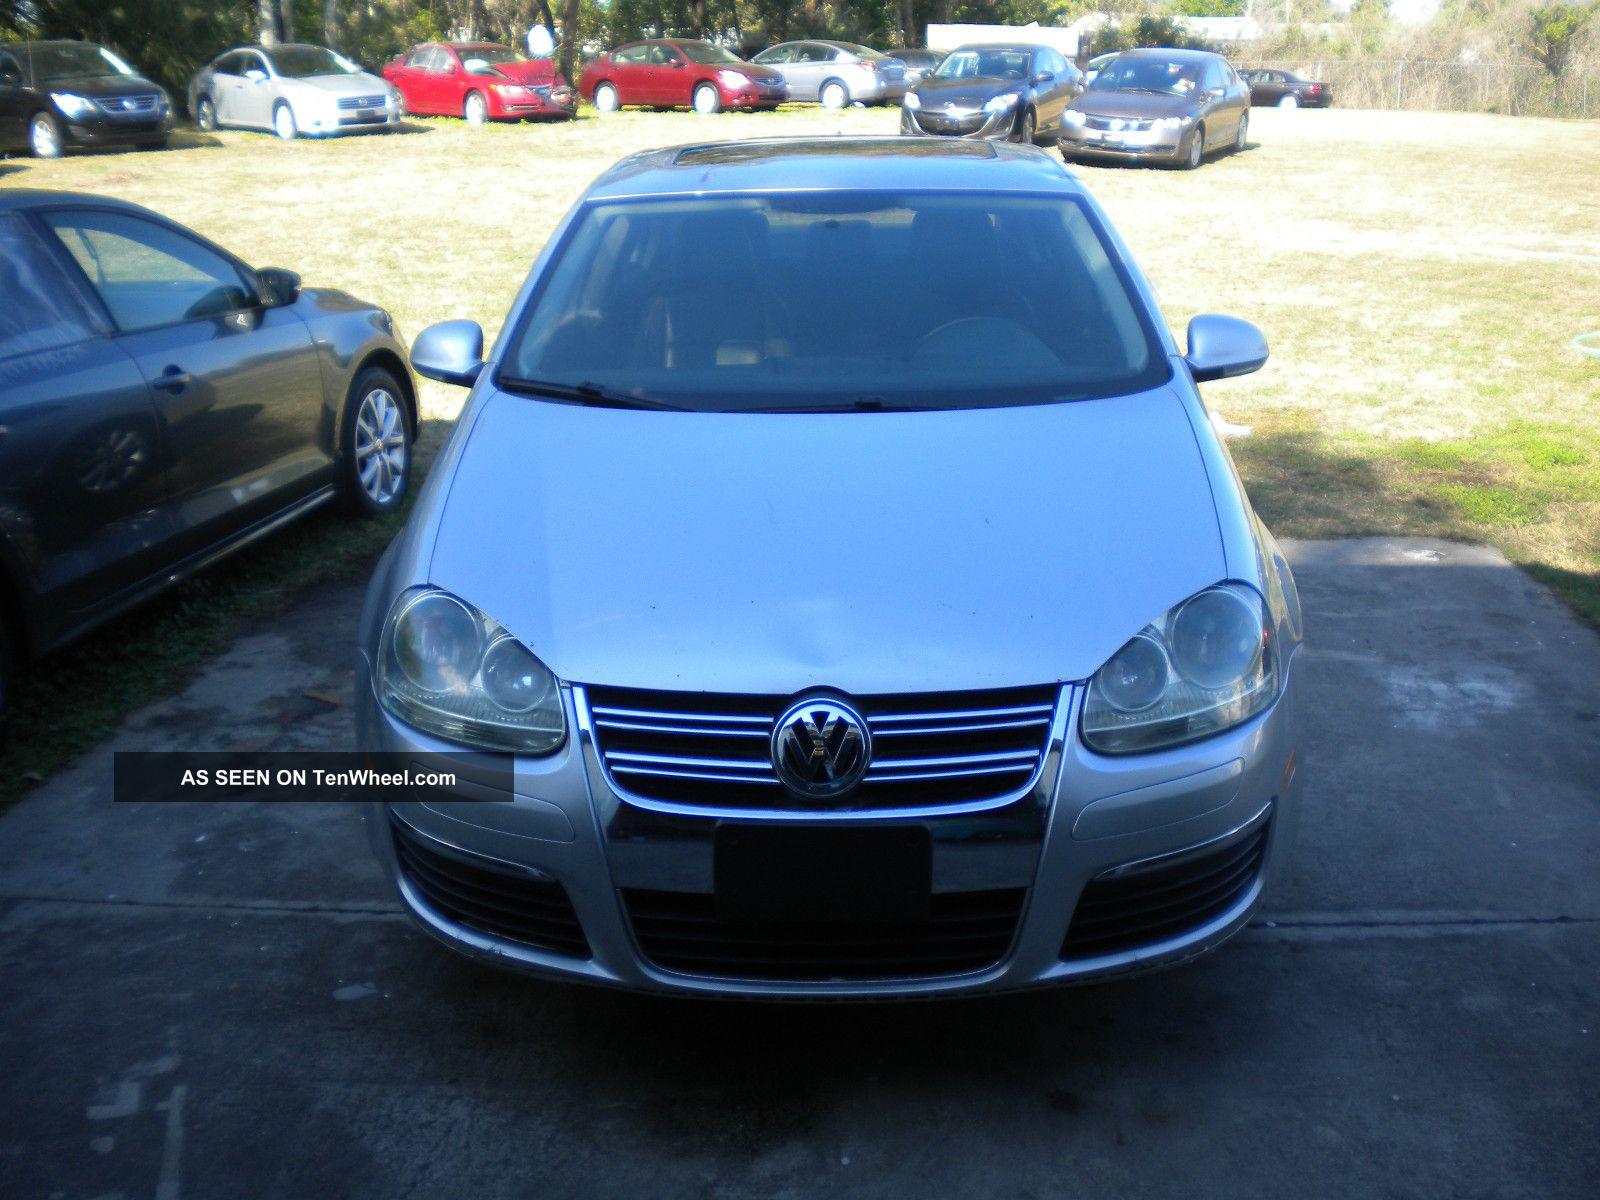 2010 Volkswagen Jetta - Rebuildable Project Car - Jetta photo